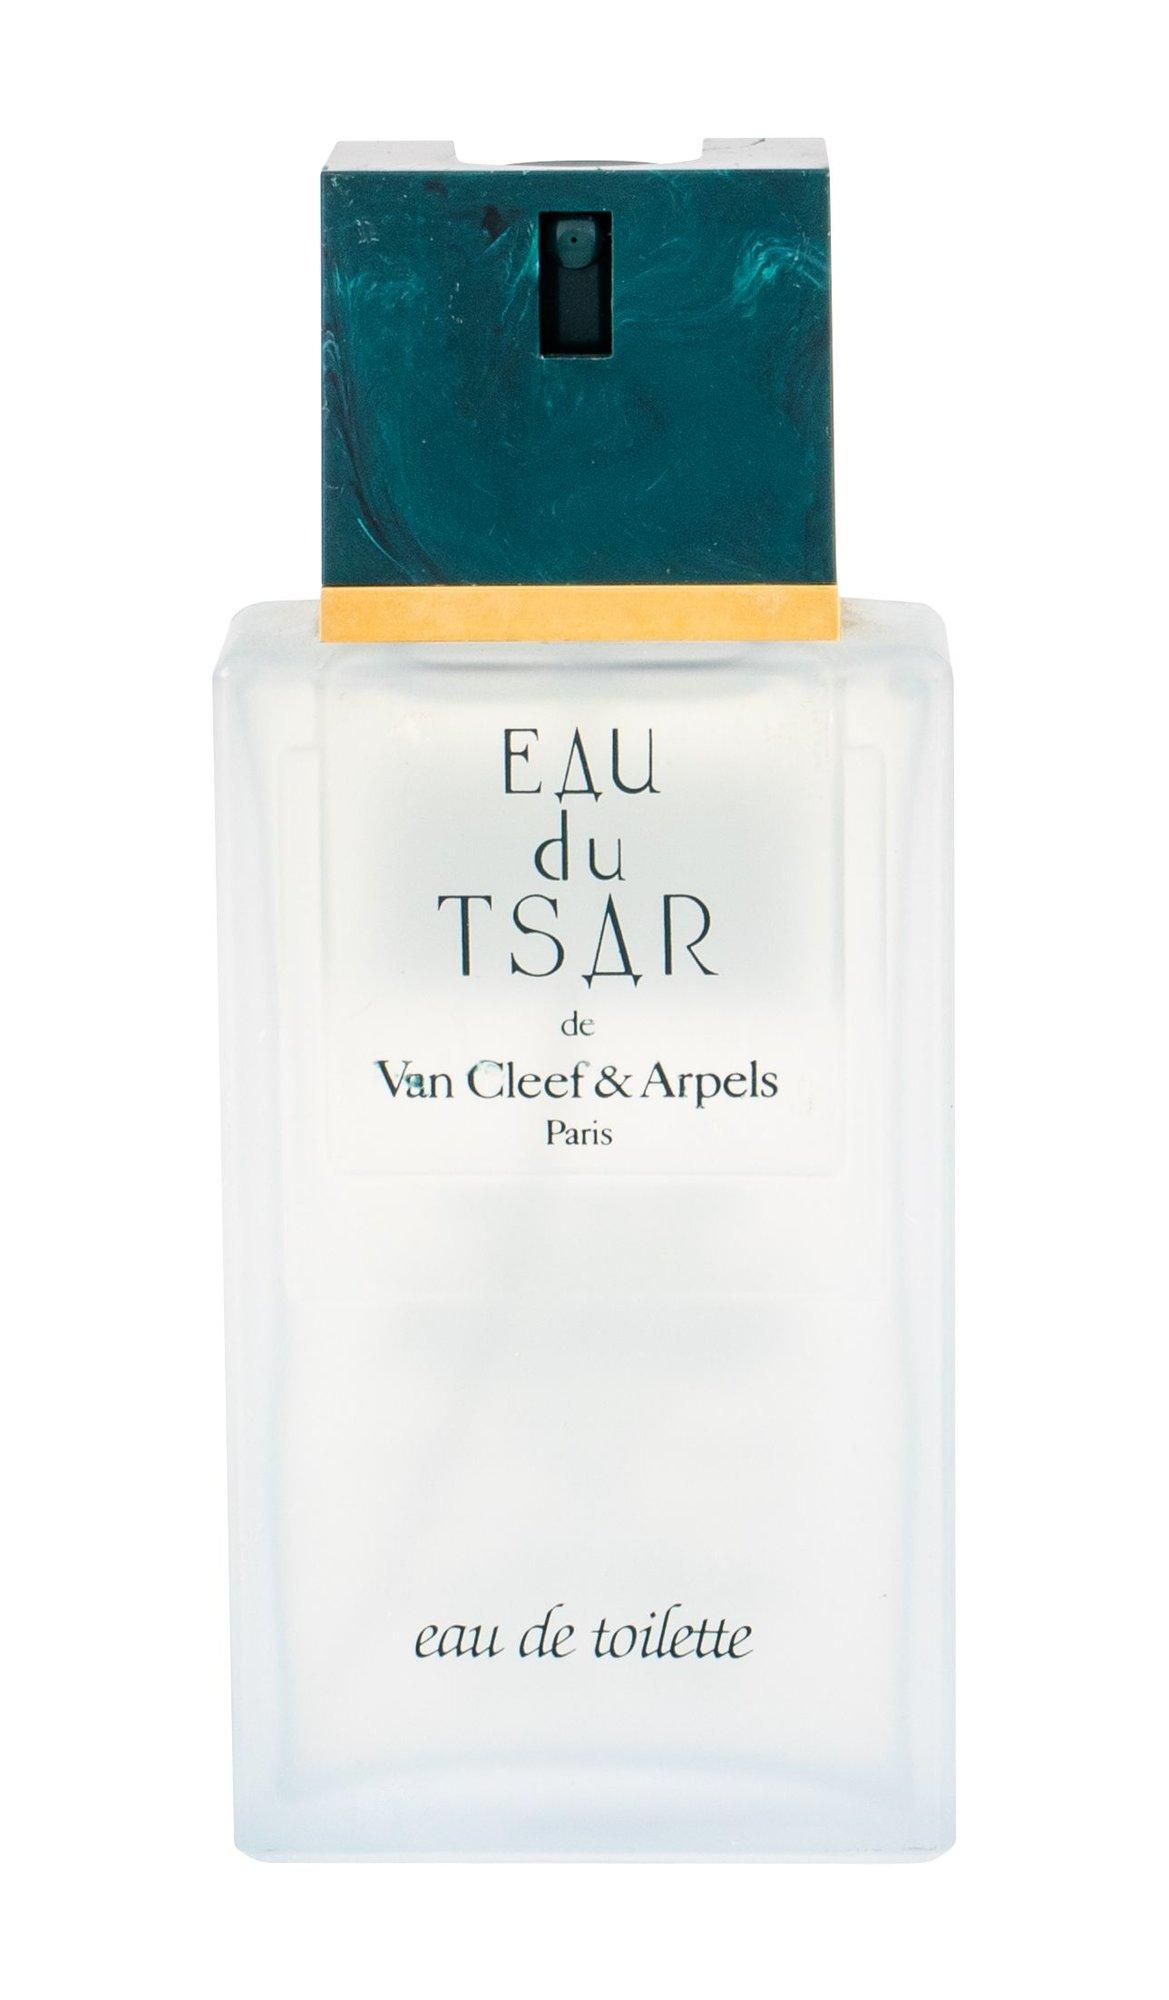 Van Cleef & Arpels Eau du Tsar, edt 50ml